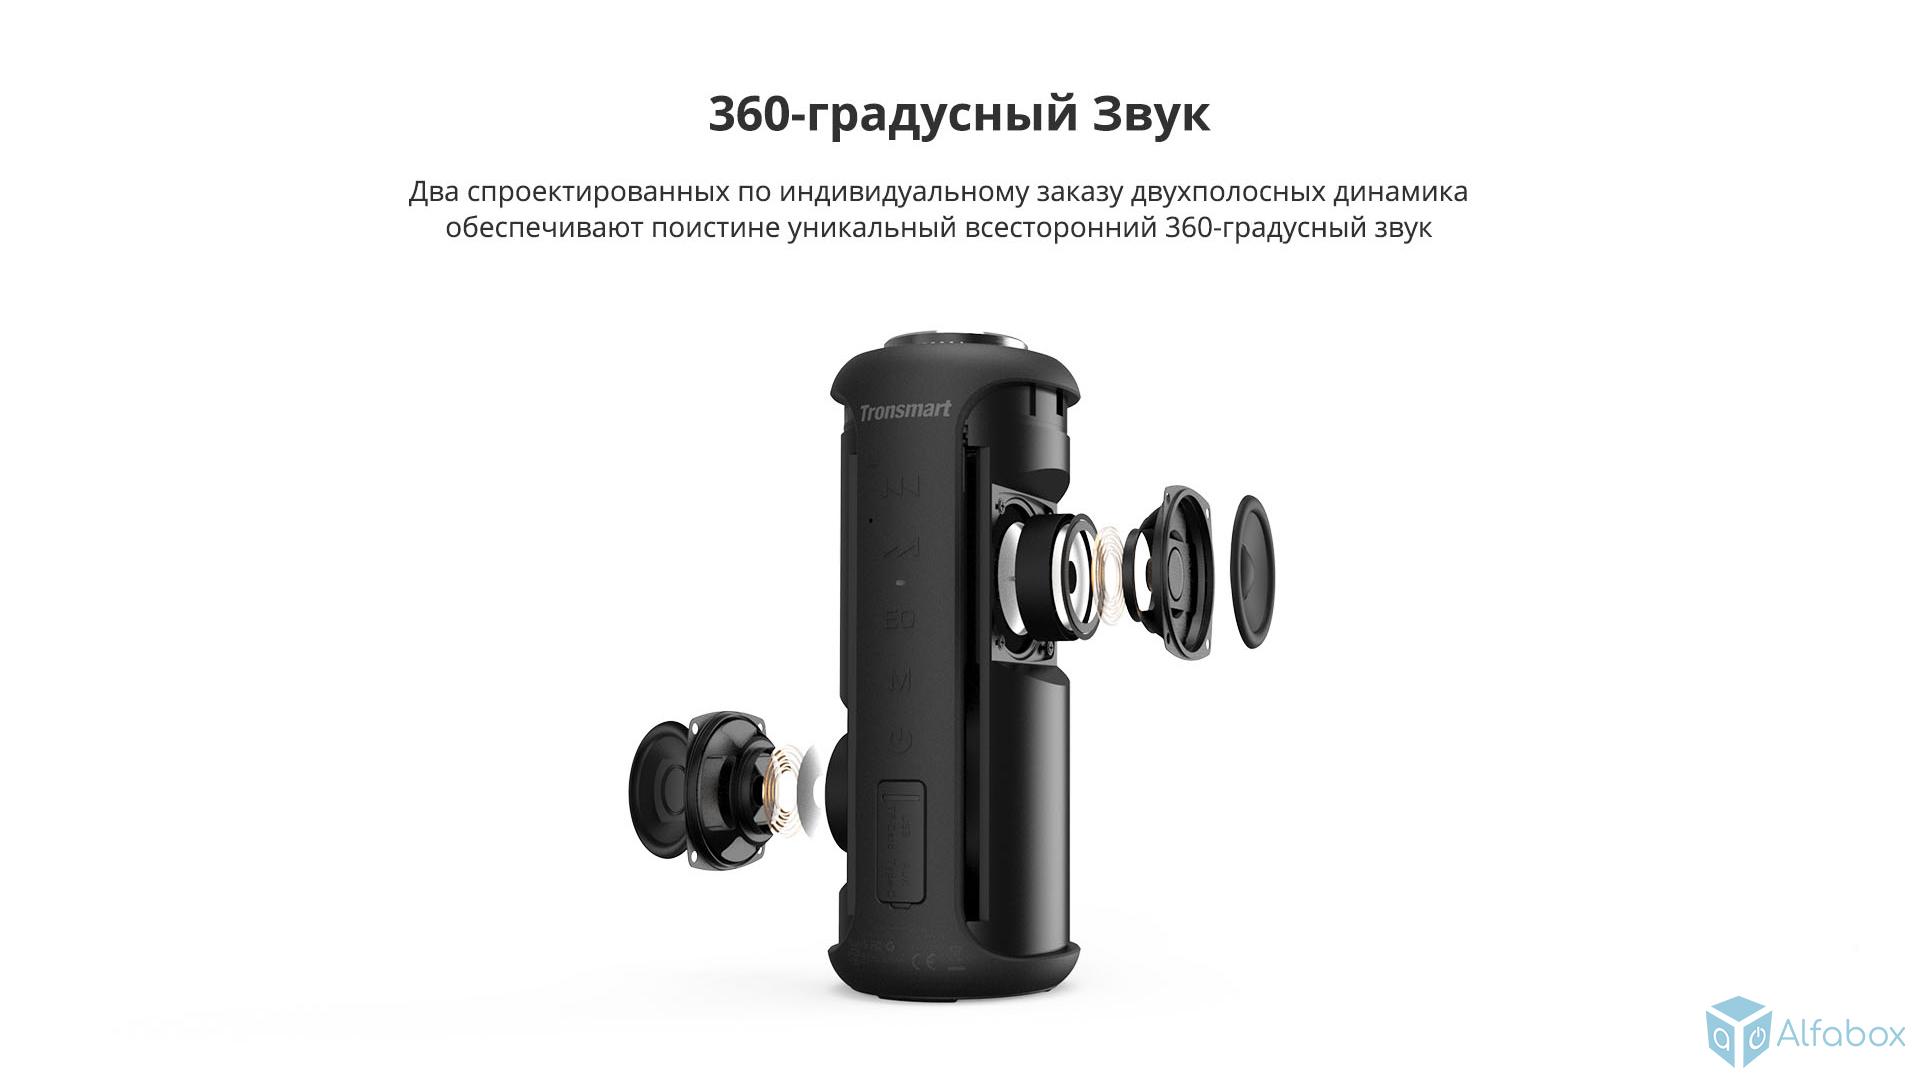 Портативная колонка Bluetooth Tronsmart Element T6 Plus Upgrade 40W regbnm